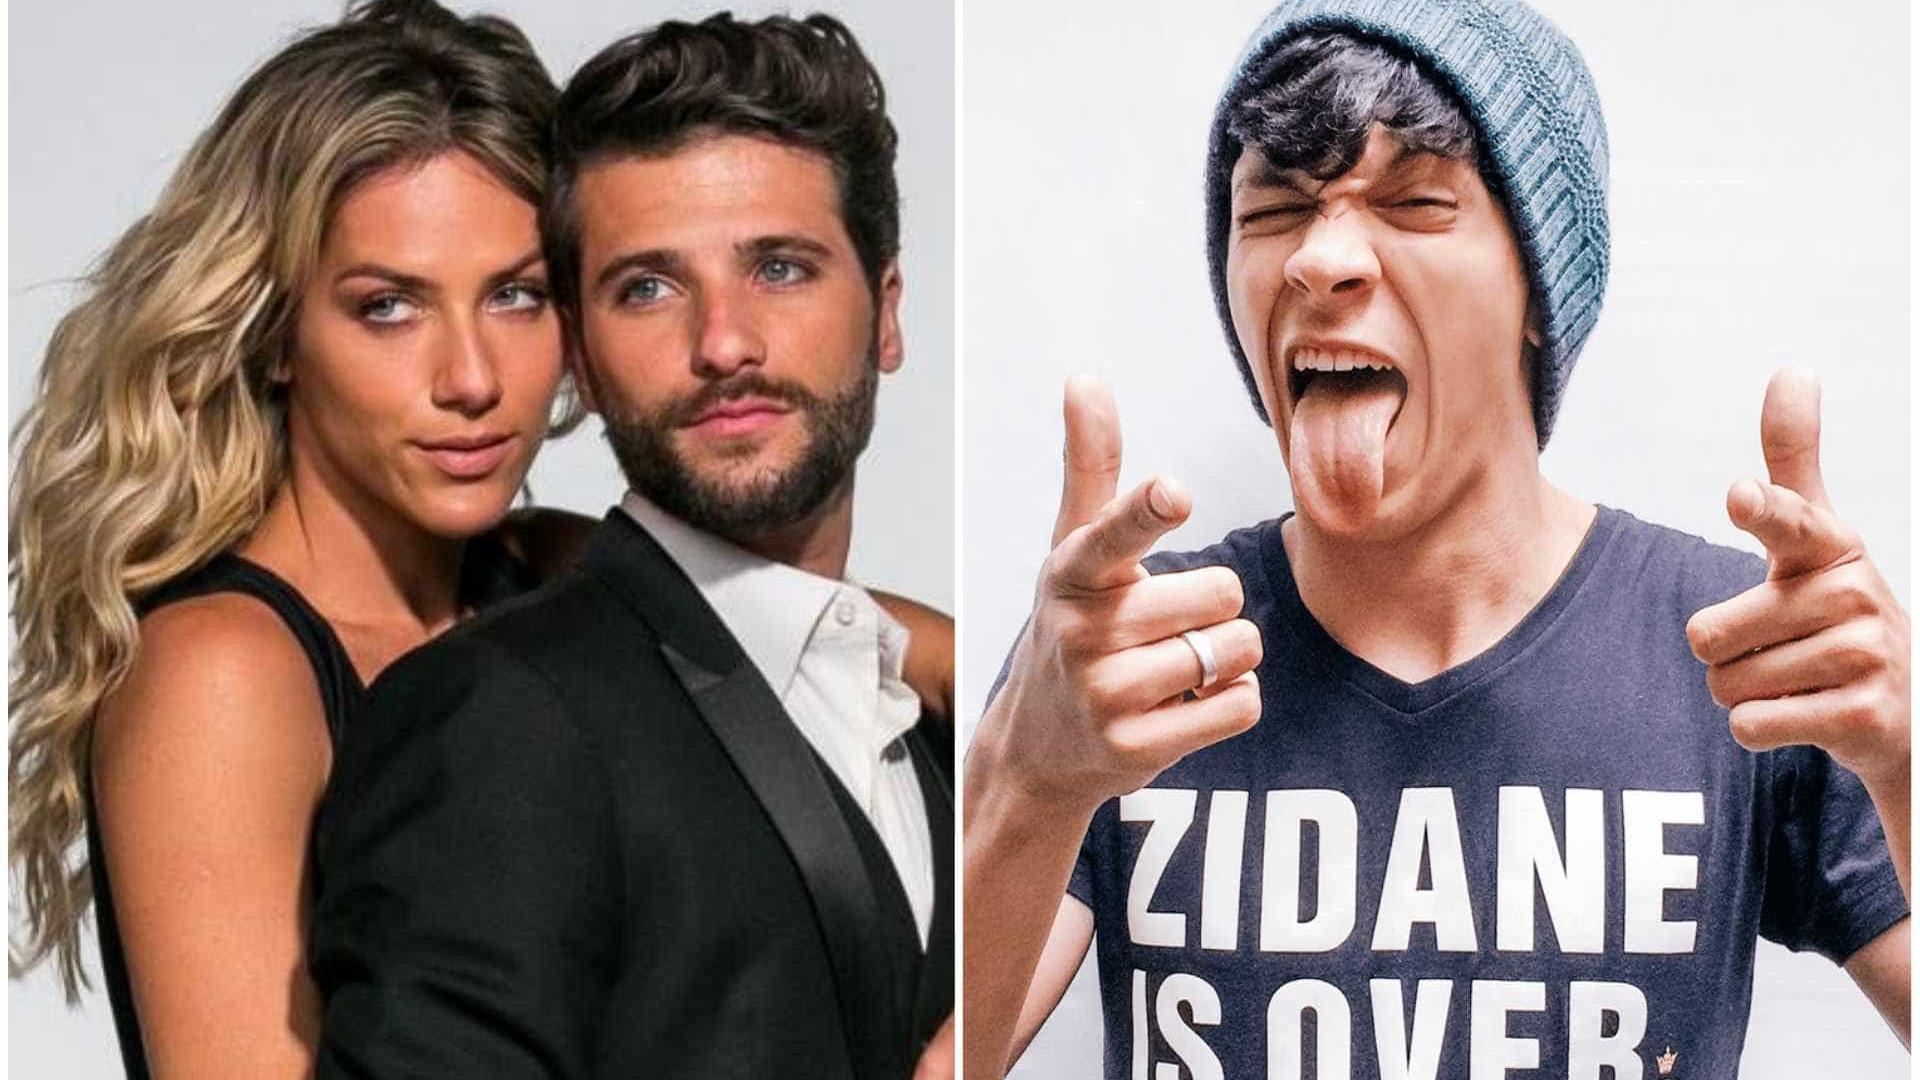 Bruno Gagliasso e Giovanna Ewbank pedem boicote a youtuber   Racista  309e7280747